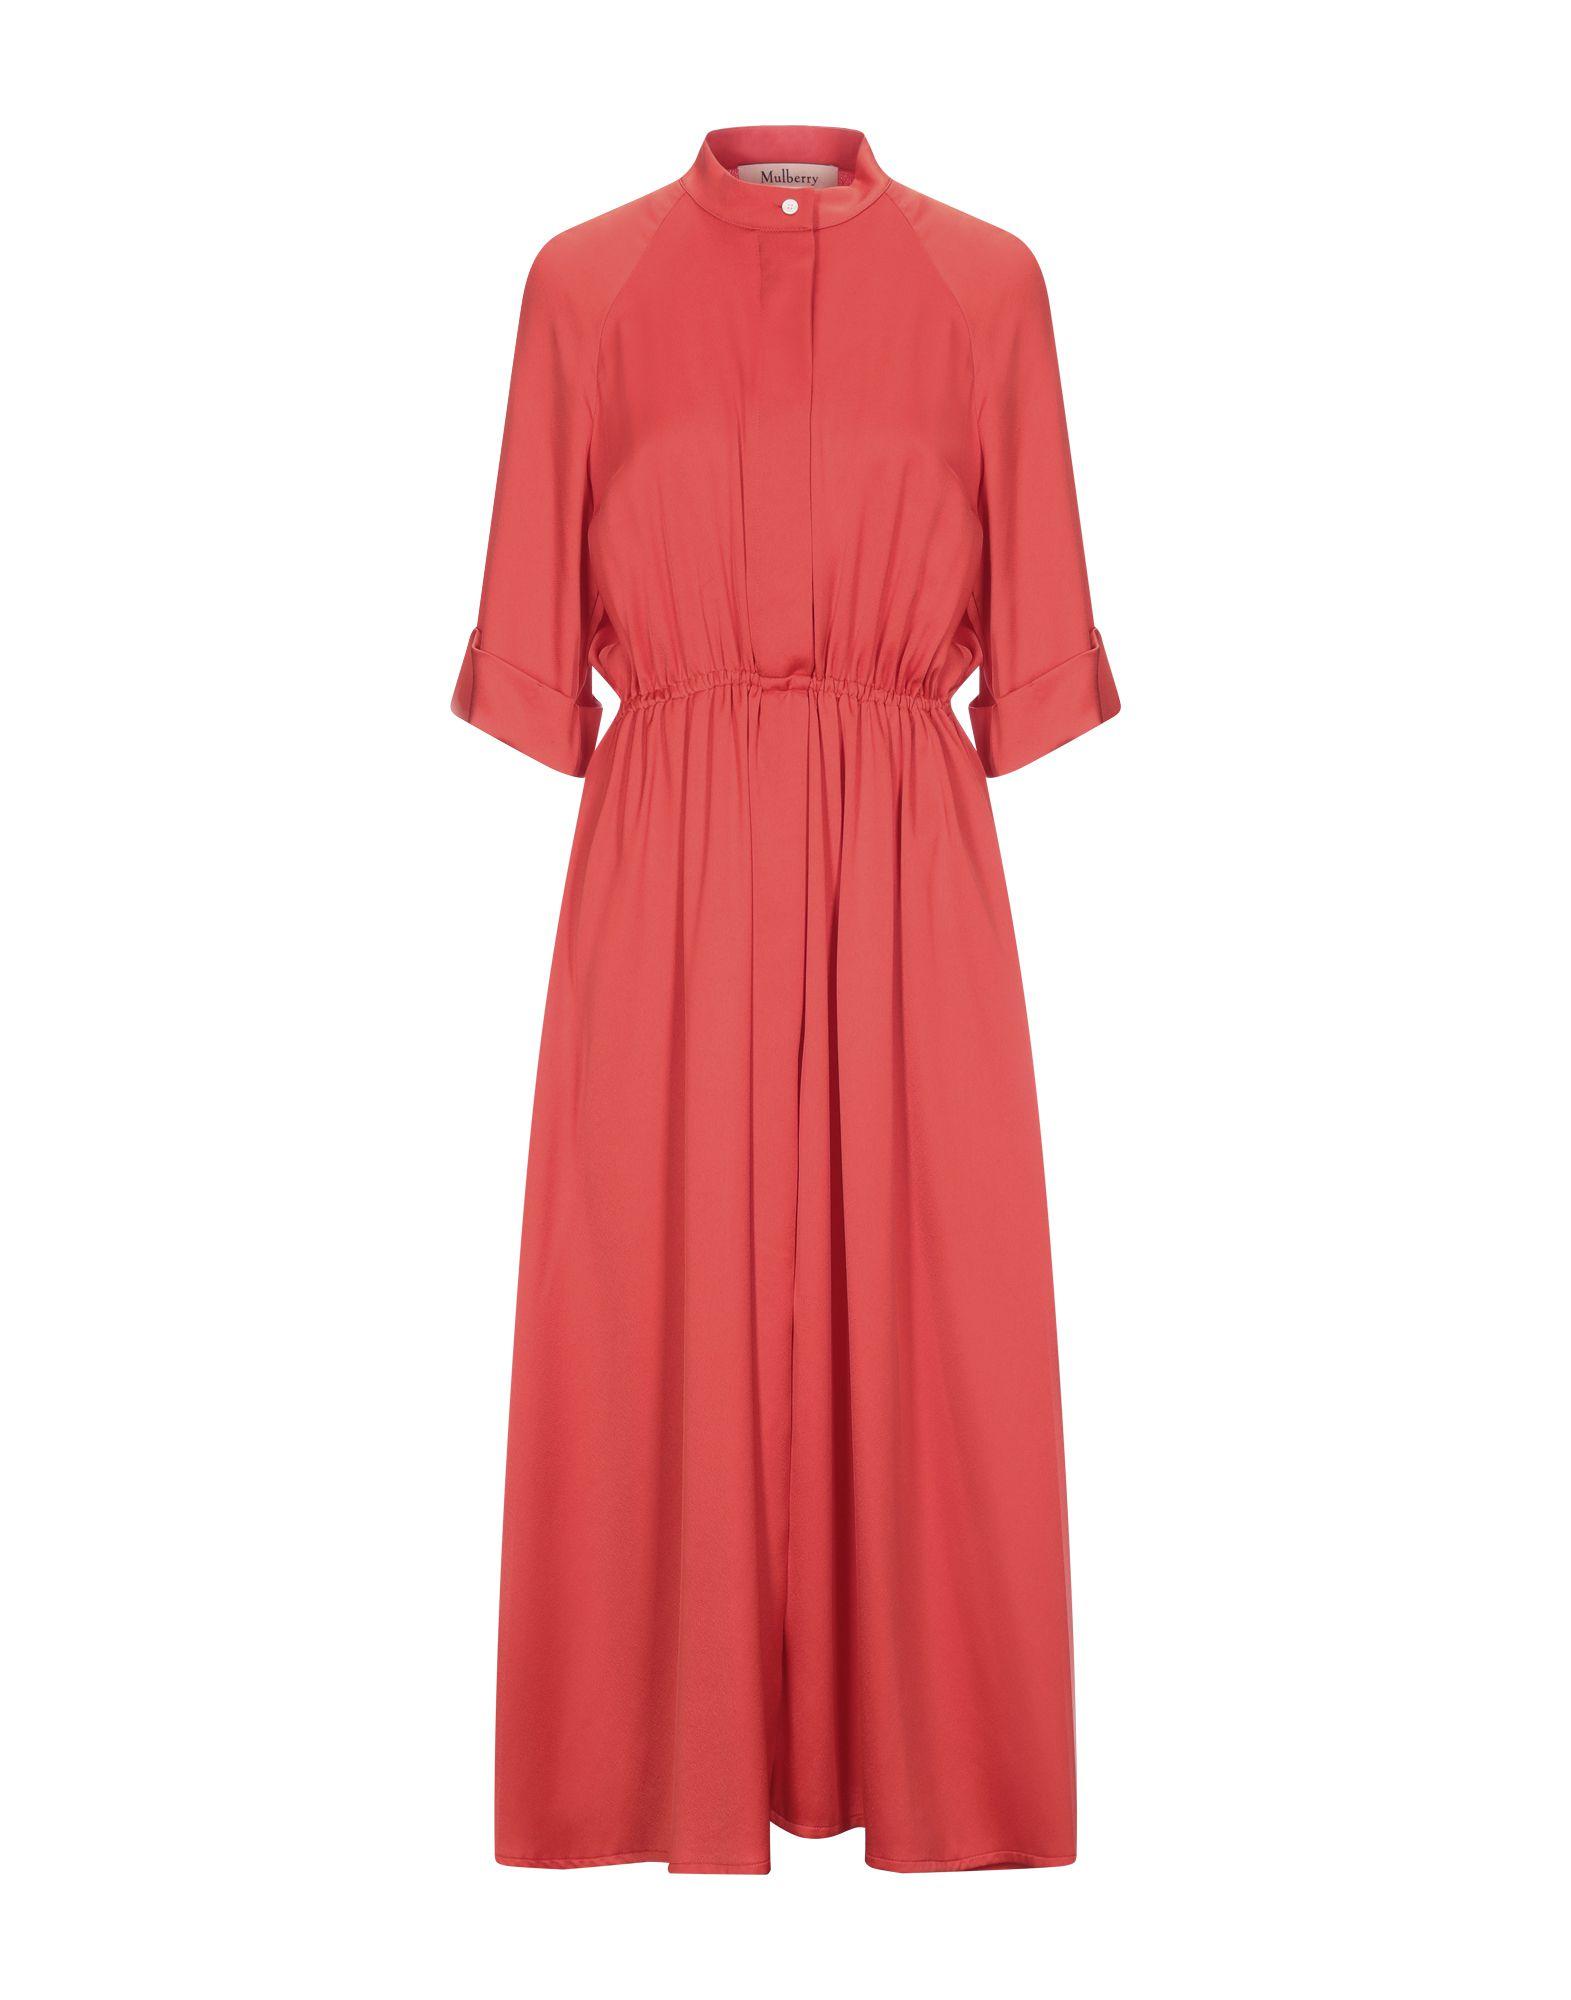 MULBERRY Платье длиной 3/4 vionnet платье длиной 3 4